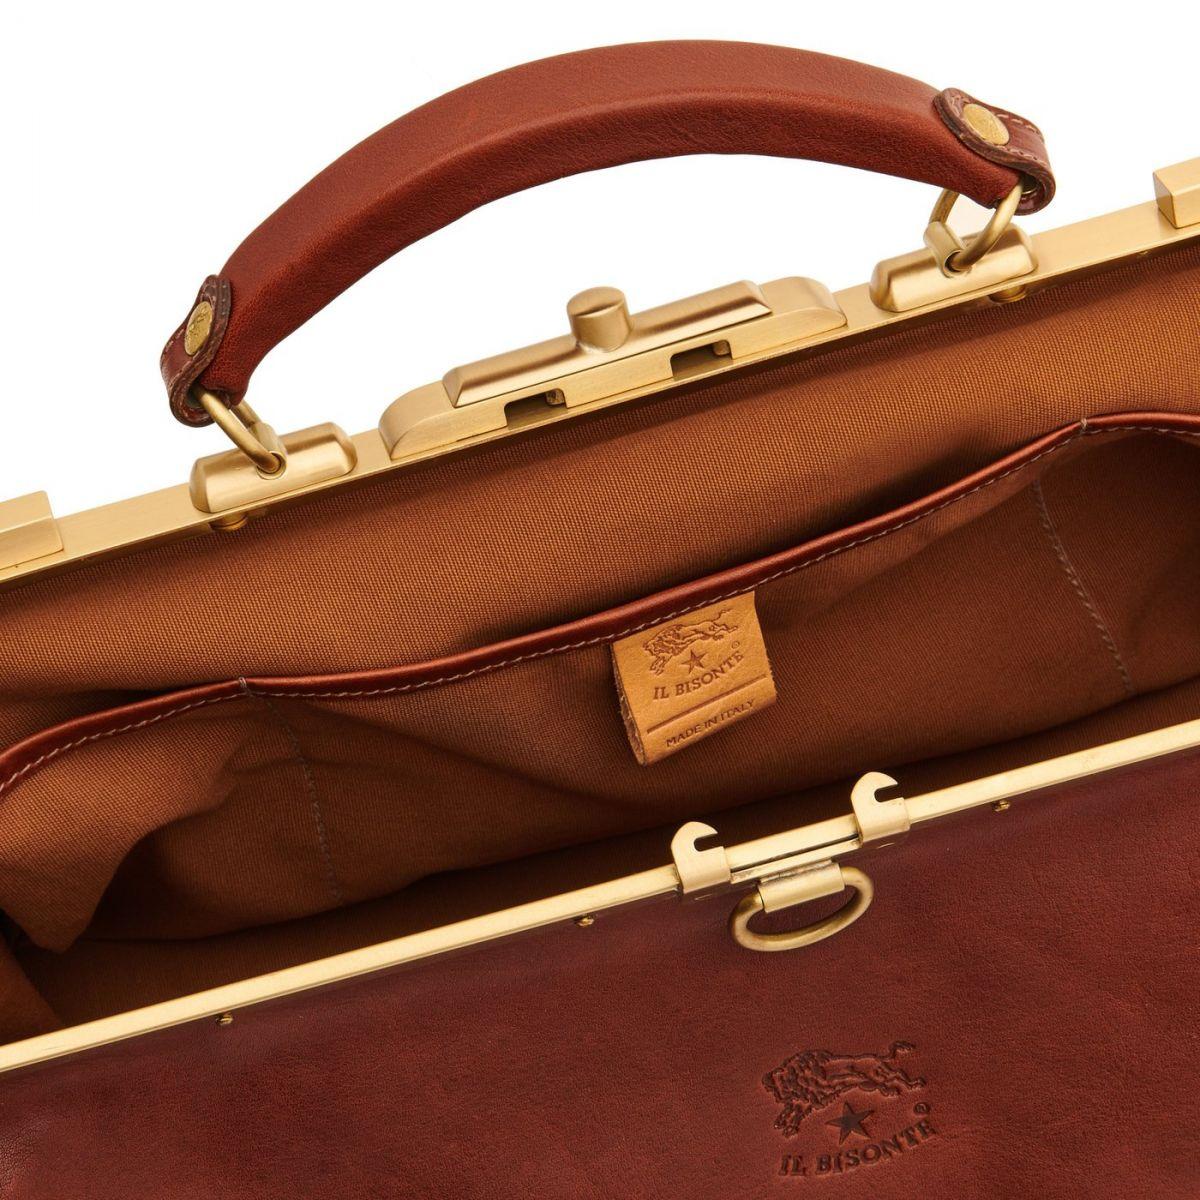 Serviette en Cuir De Vachette Vintage BBC007 couleur Brun Foncé Seppia | Details